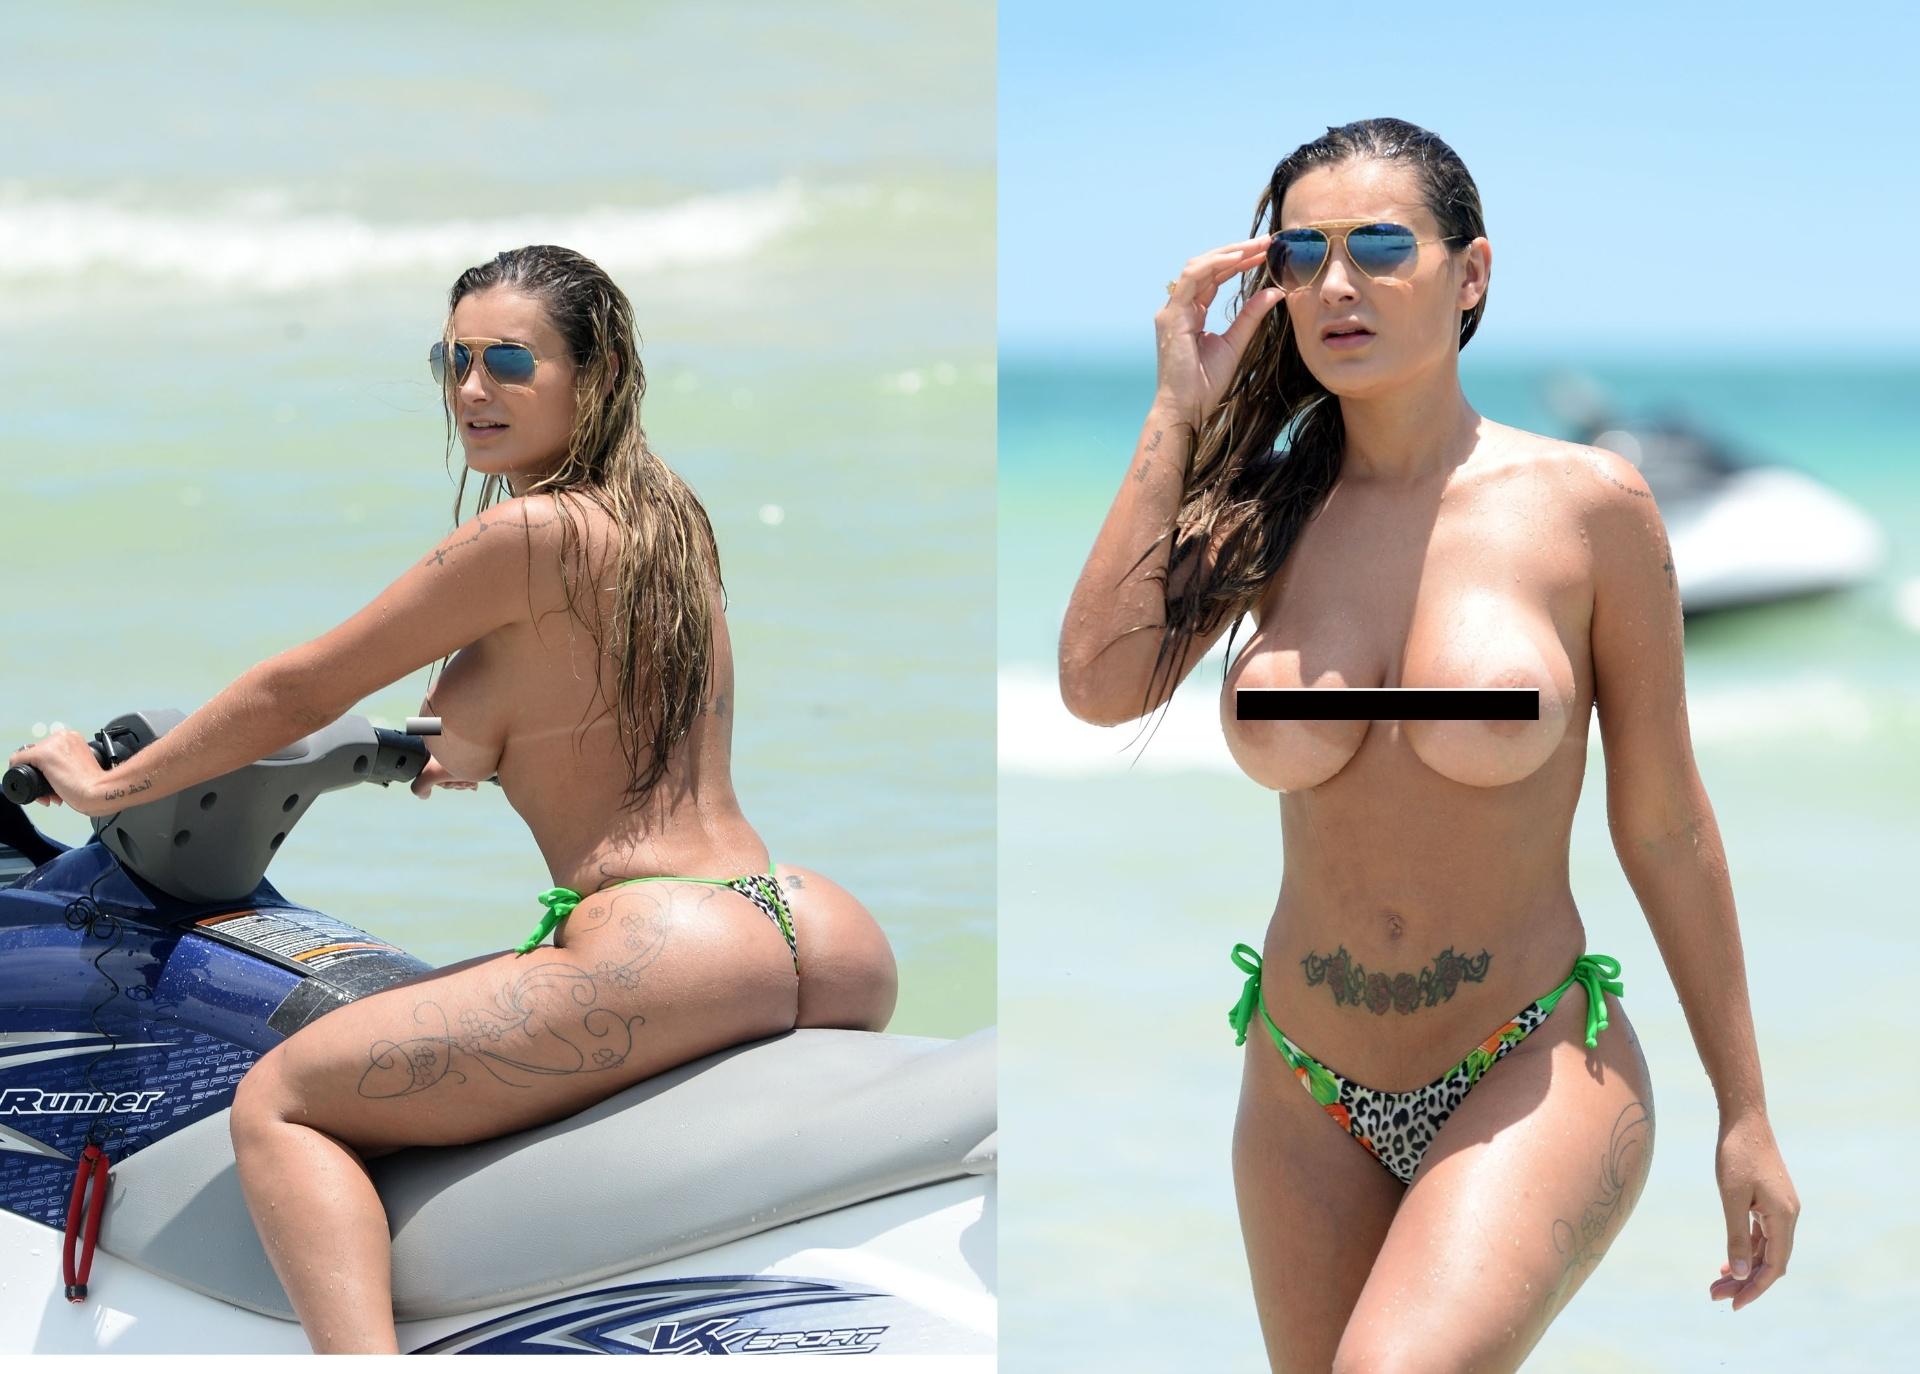 13.jun.2014- Andressa Urach, que ganhou destaque no mundo após afirmar que teve um caso com o jogador português Cristiano Ronaldo, chama a atenção ao andar de jet ski, em uma praia de Miami, fazendo topless e com um pequeno biquíni fio-dental